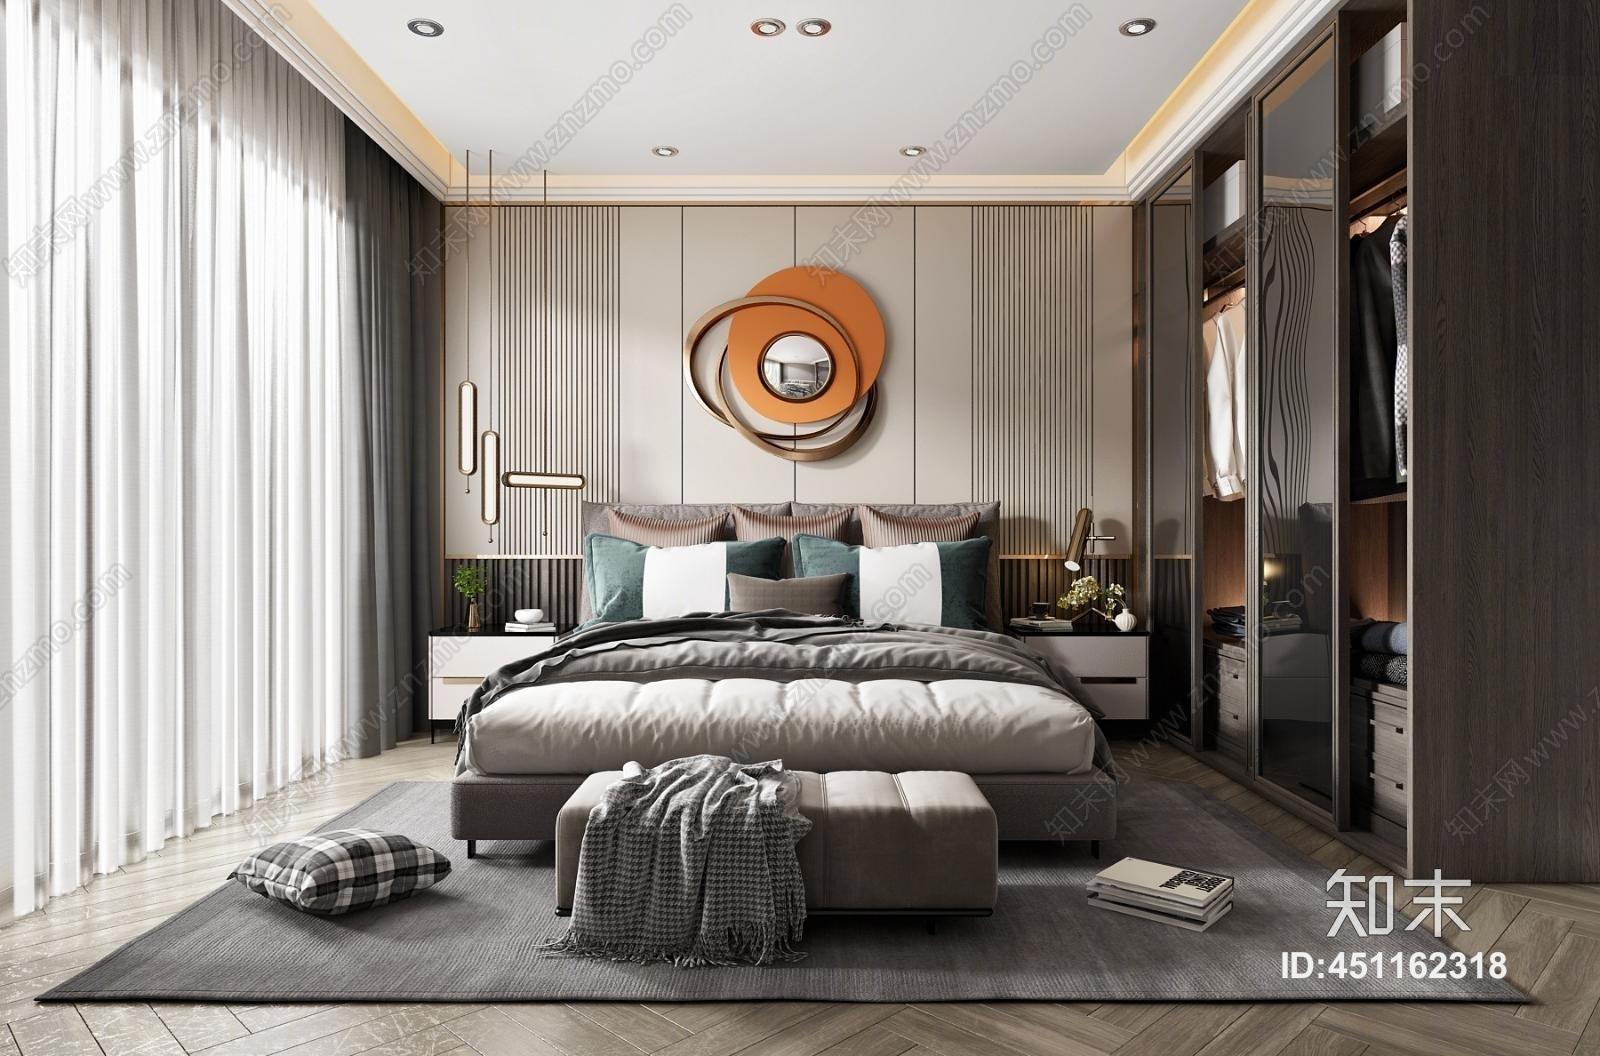 现代轻奢主卧室 挂件 双人床 装饰柜 木地板